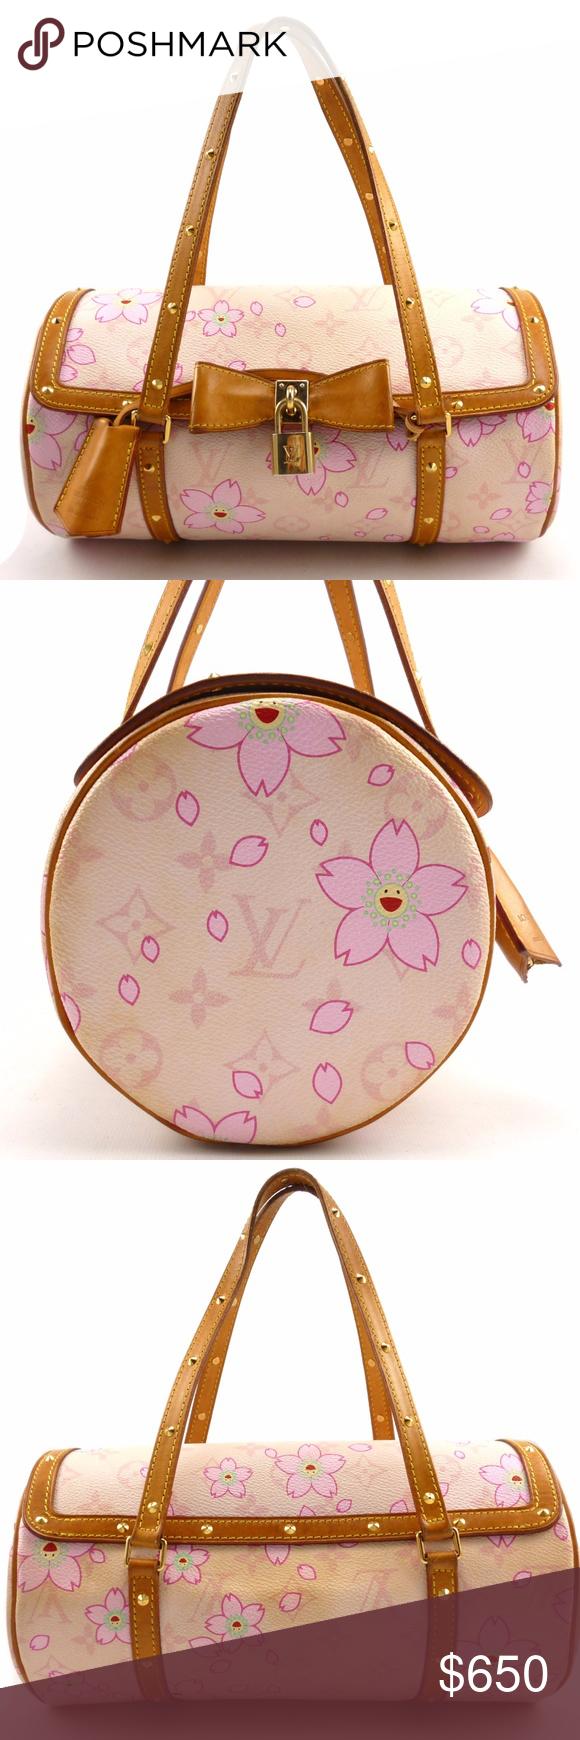 7eb9d19b32a Louis Vuitton Auth Papillon Cherry Blossom Bag Authentic Louis Vuitton  Monogram Canvas Limited Edition Cherry Blossom